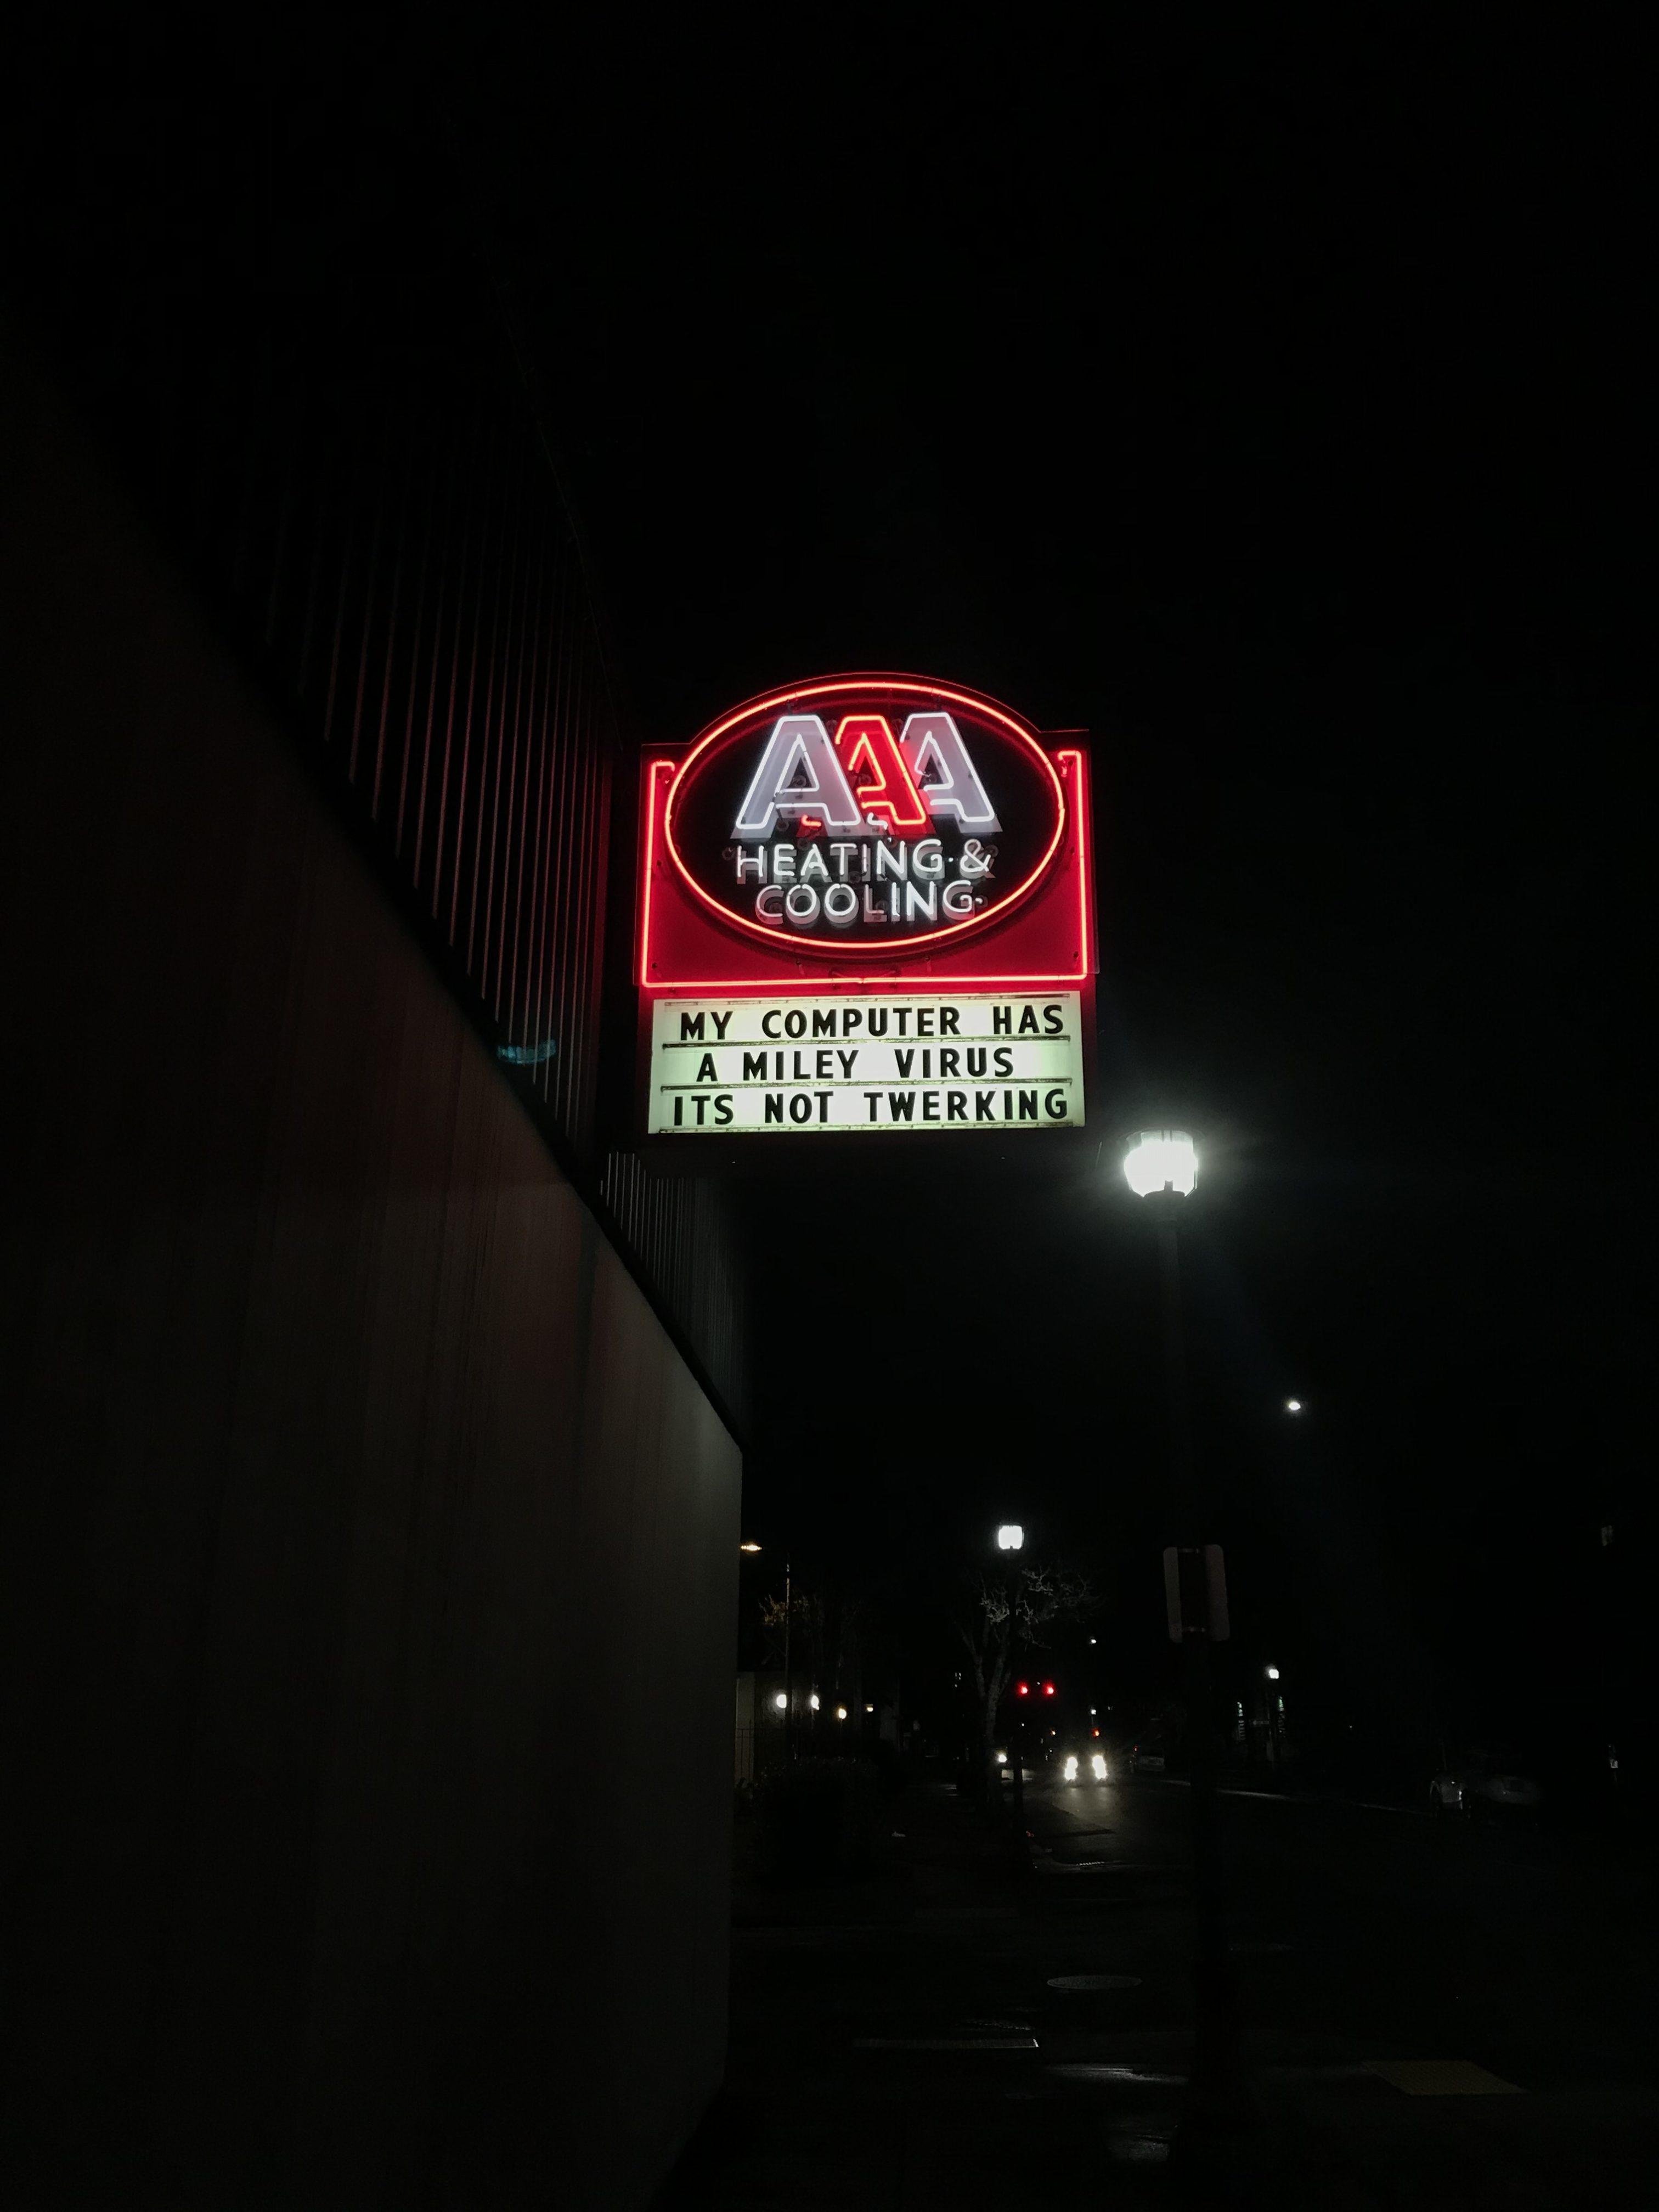 AAA Heating